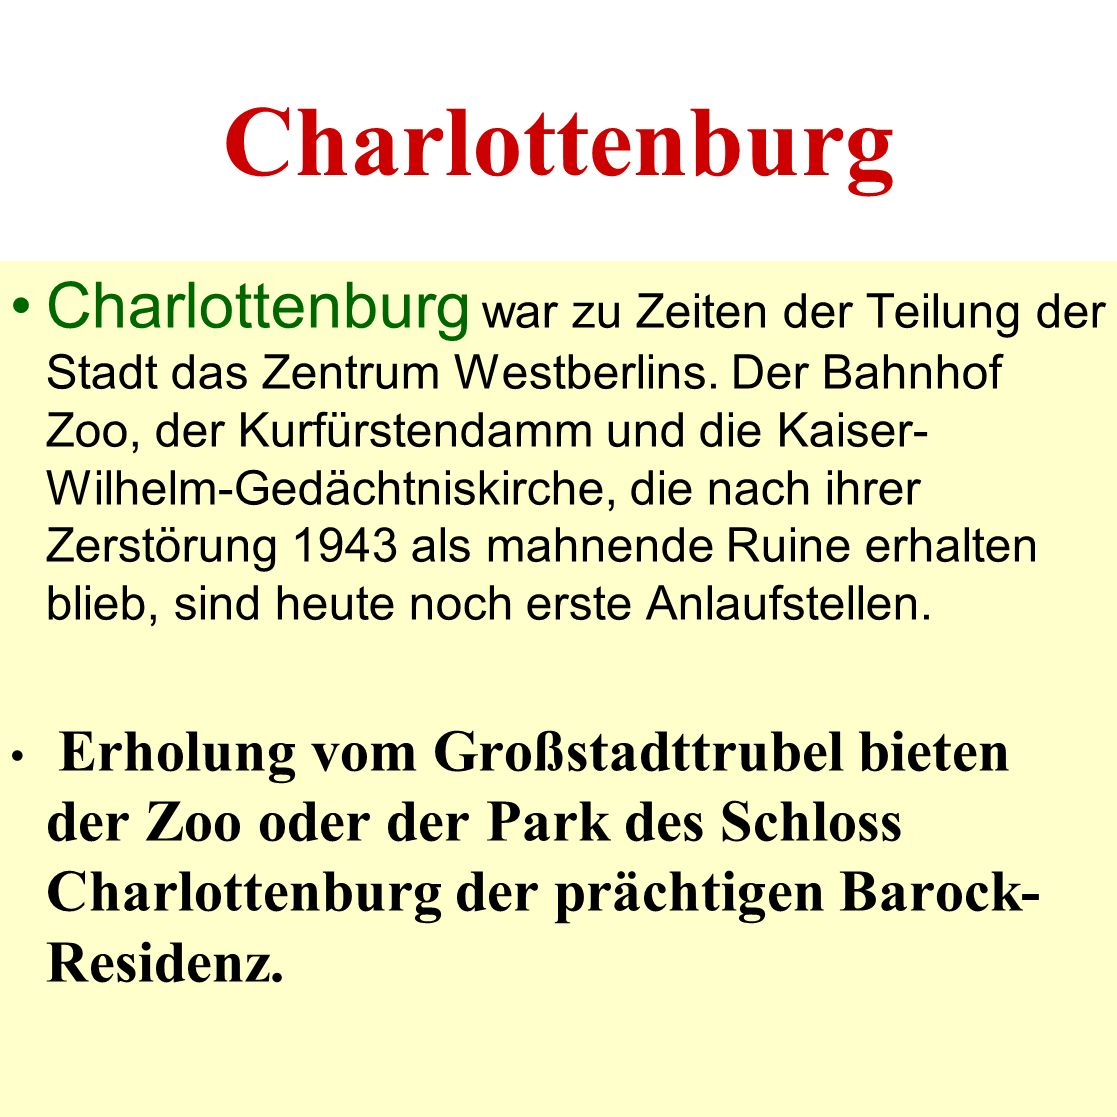 Charlottenburg Charlottenburg war zu Zeiten der Teilung der Stadt das Zentrum Westberlins. Der Bahnhof Zoo, der Kurfürstendamm und die Kaiser- Wilhelm